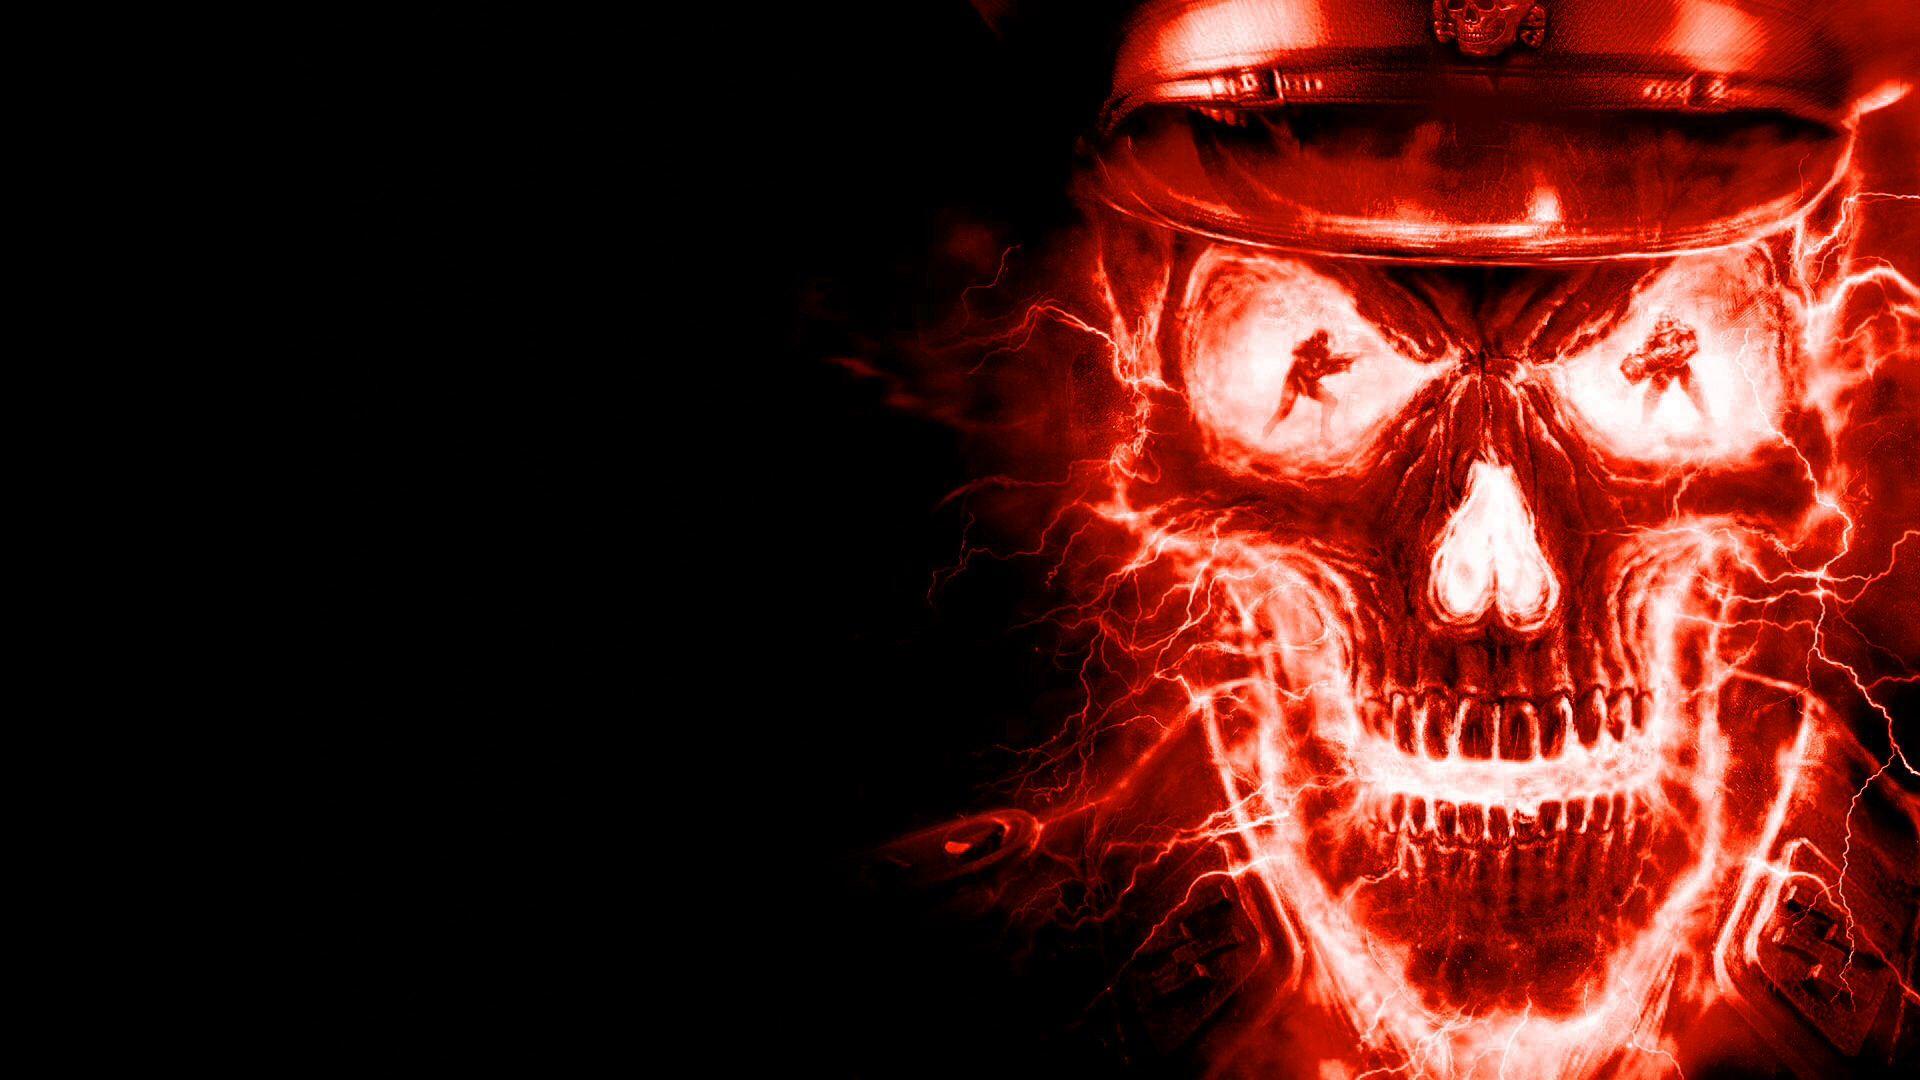 Wolfenstein Skull Red Version Skull Wallpaper Black Skulls Wallpaper Fire Art